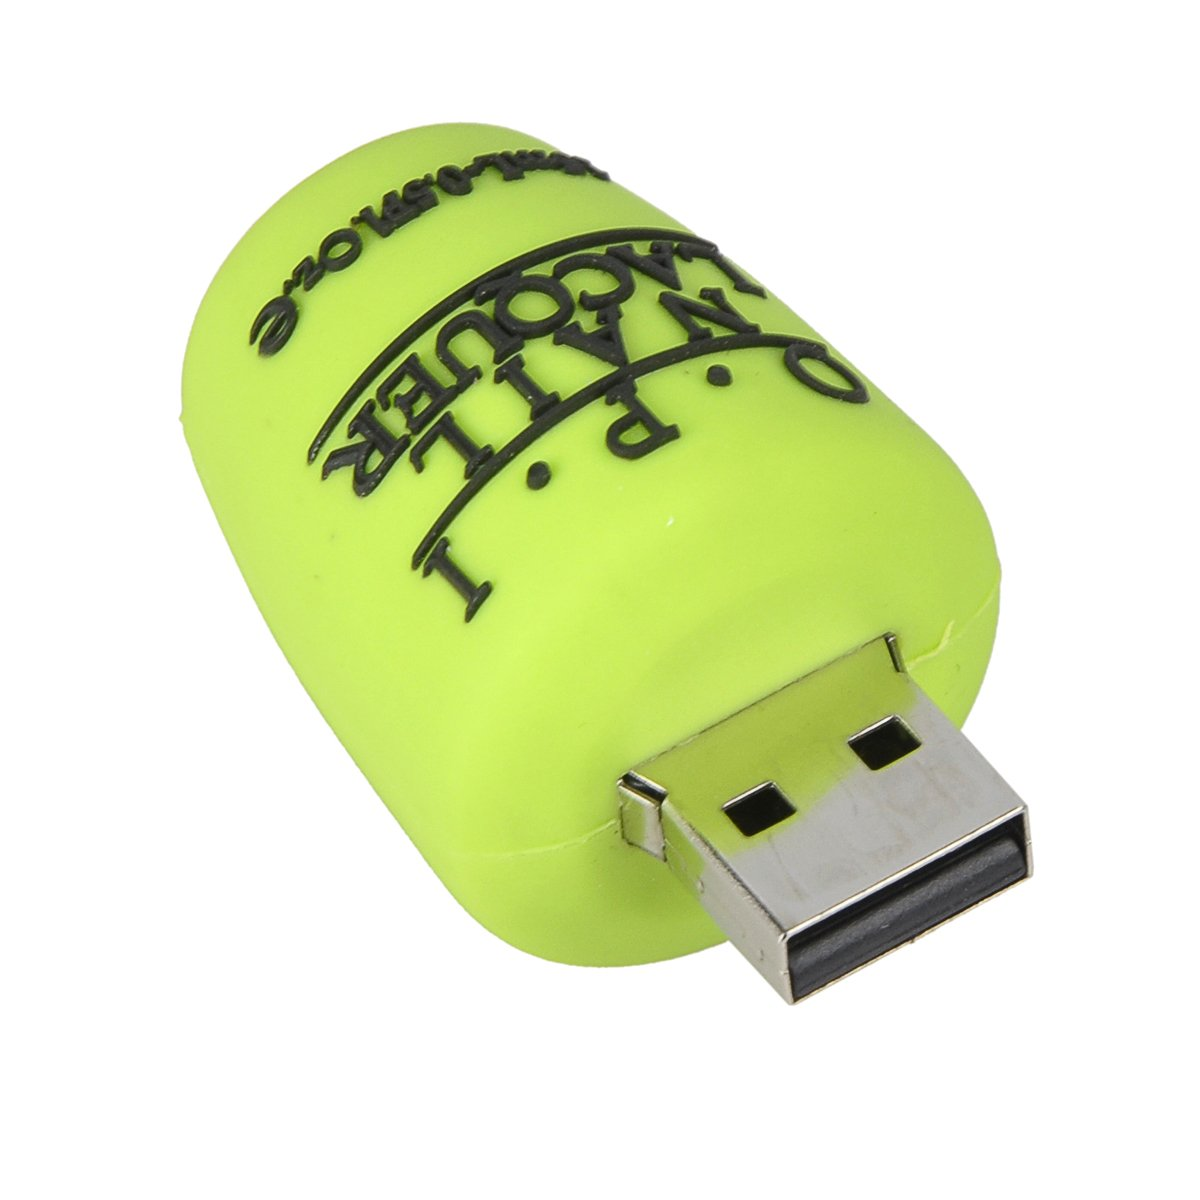 PORTWORLD 16GB USB Stick 2.0 Speicherstick Nagellack Novelty Original Nail Polish Flasche Grün für Kinder mädchen